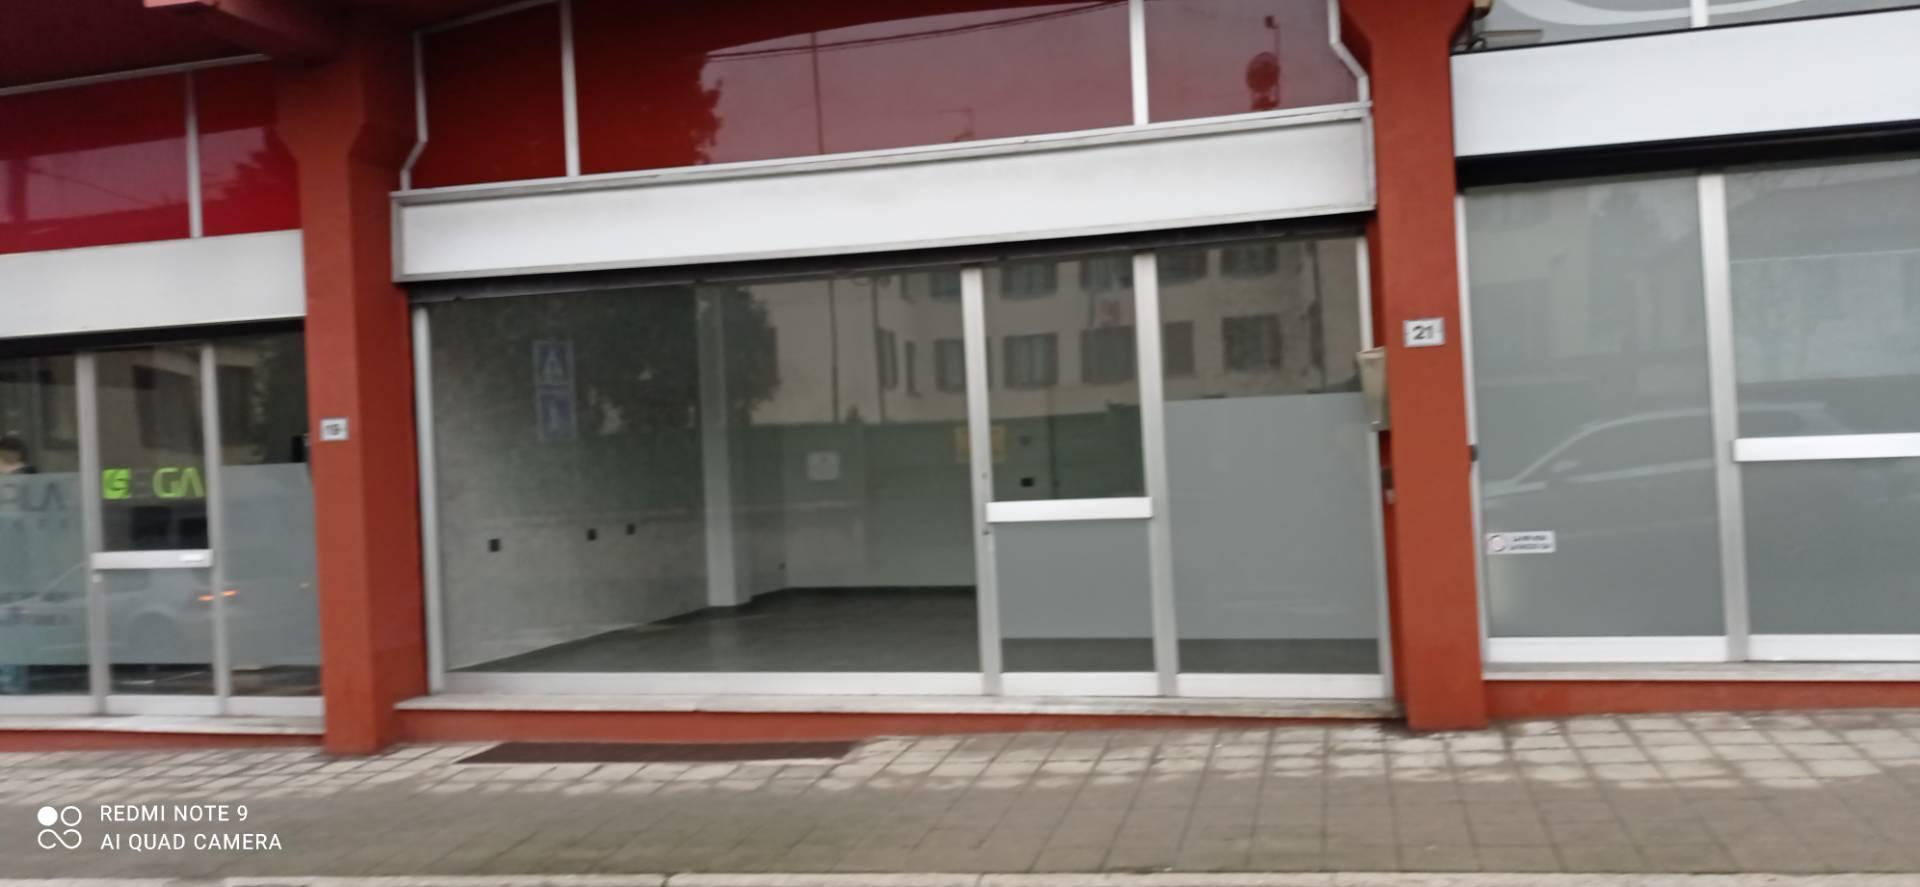 Ufficio / Studio in affitto a Olgiate Comasco, 9999 locali, prezzo € 400 | PortaleAgenzieImmobiliari.it